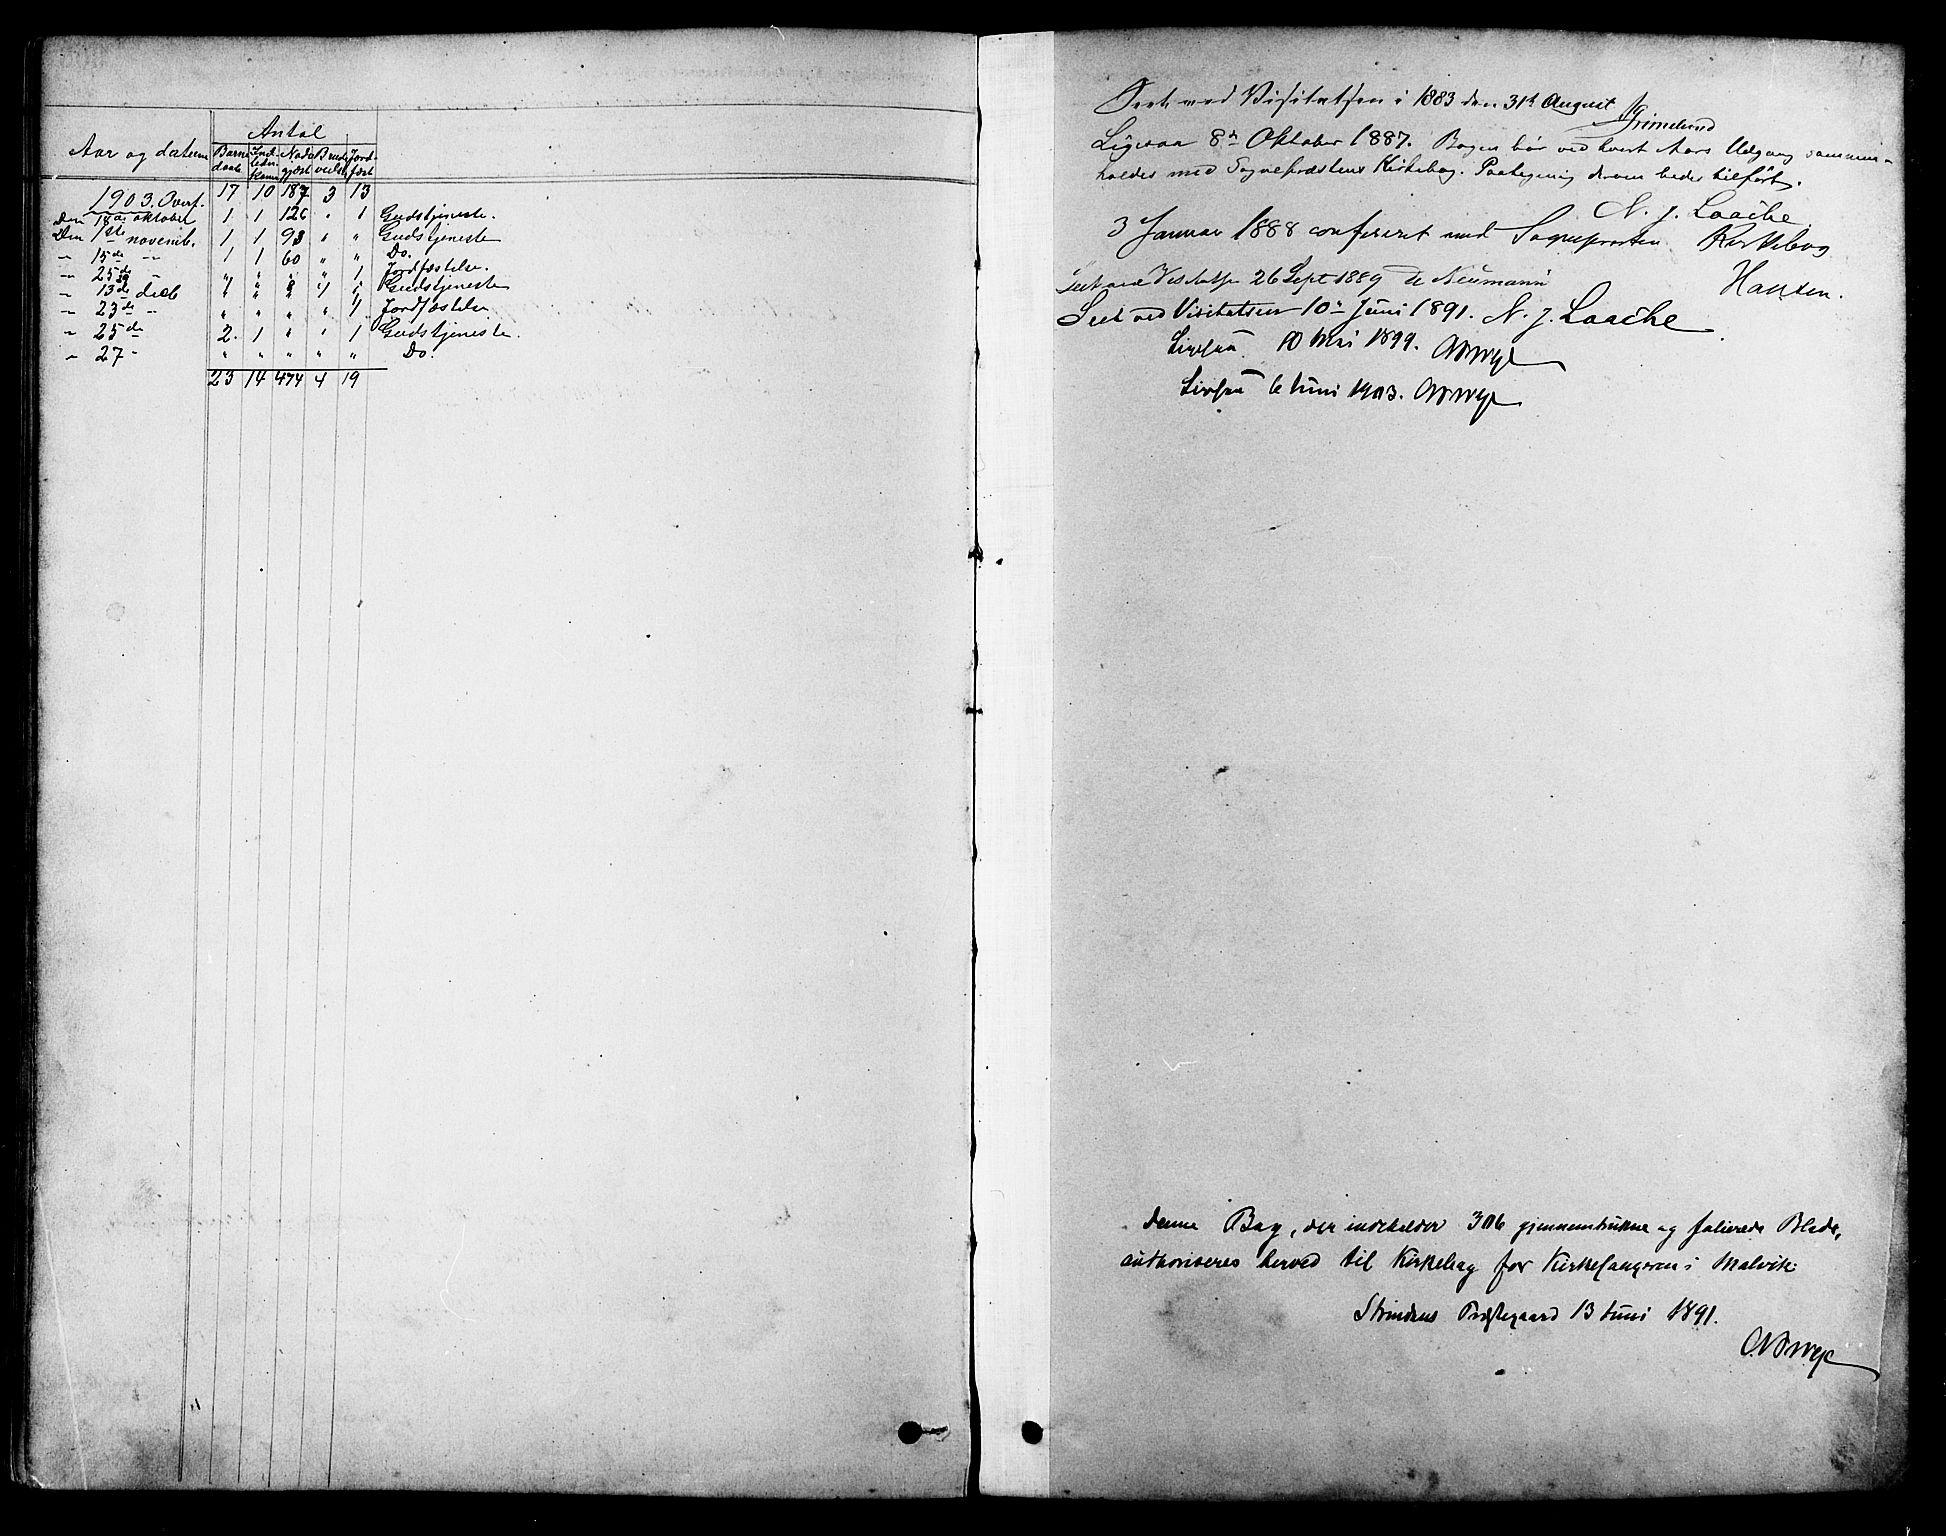 SAT, Ministerialprotokoller, klokkerbøker og fødselsregistre - Sør-Trøndelag, 616/L0423: Klokkerbok nr. 616C06, 1878-1903